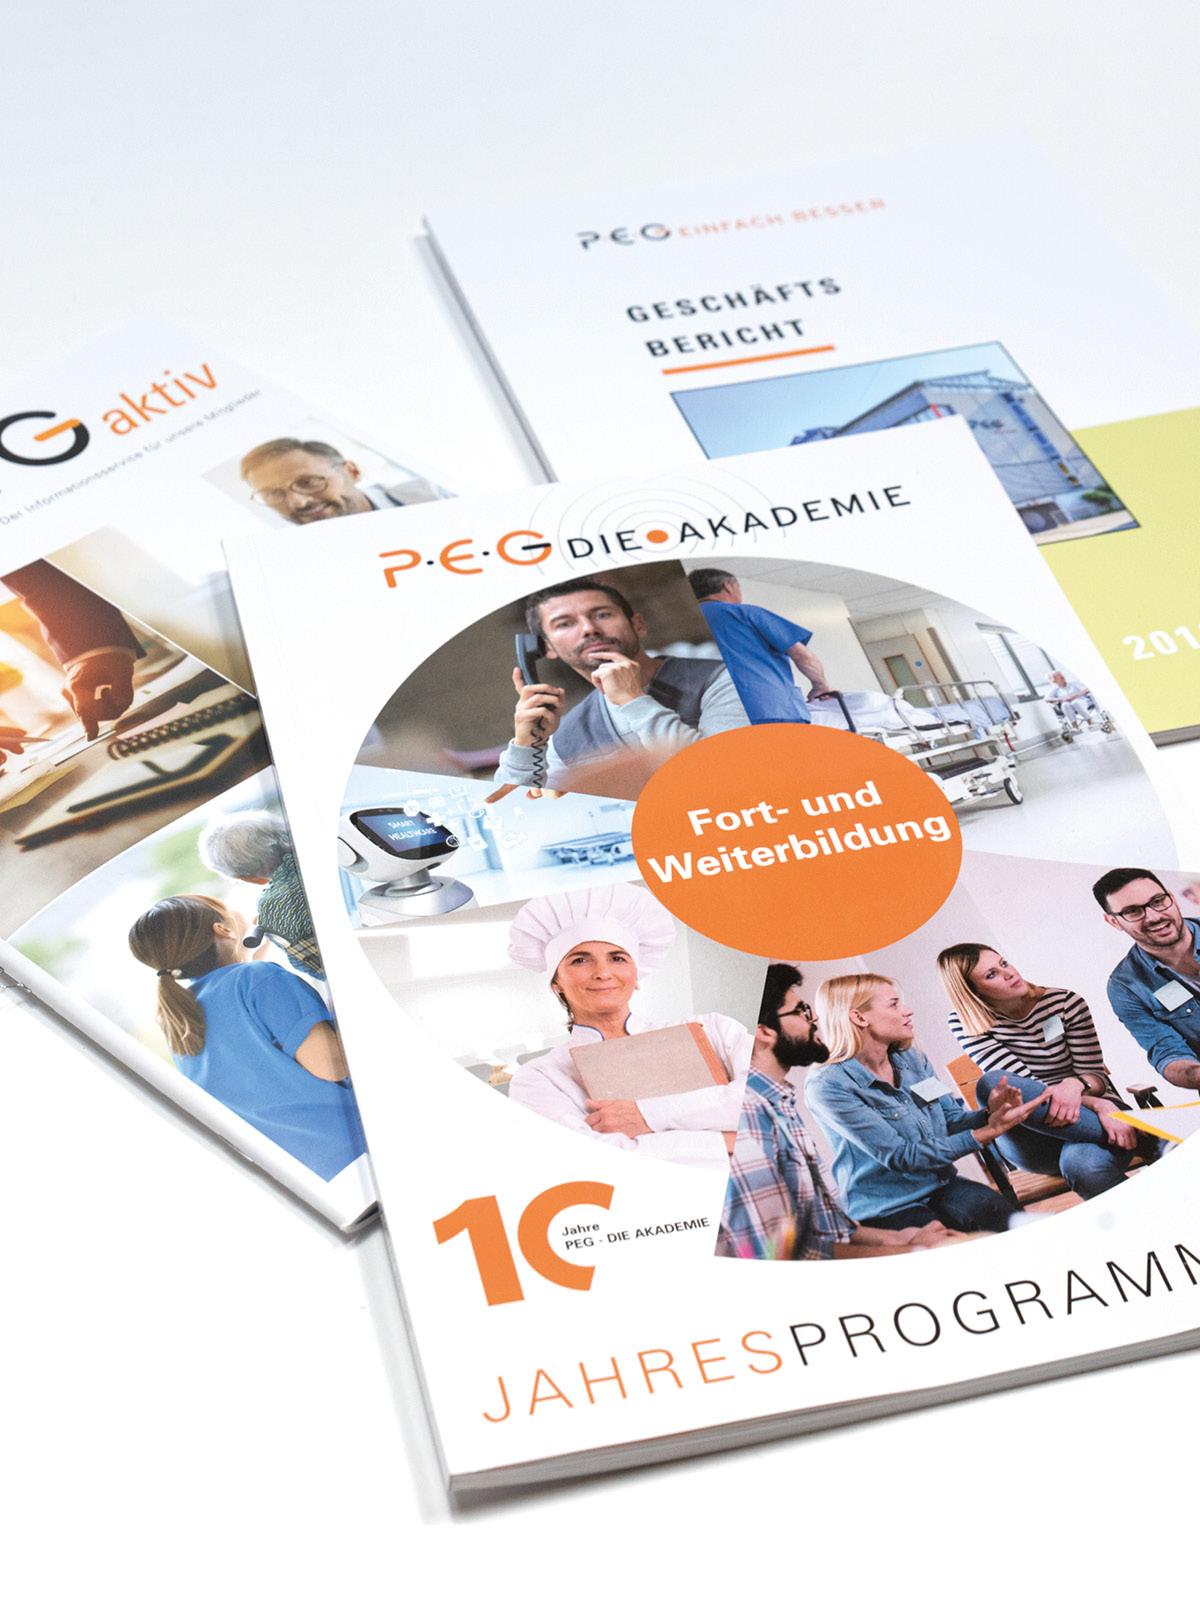 Design der Titelseiten für das Jahresprogramm, den Geschäftsbericht und das PEG aktiv.